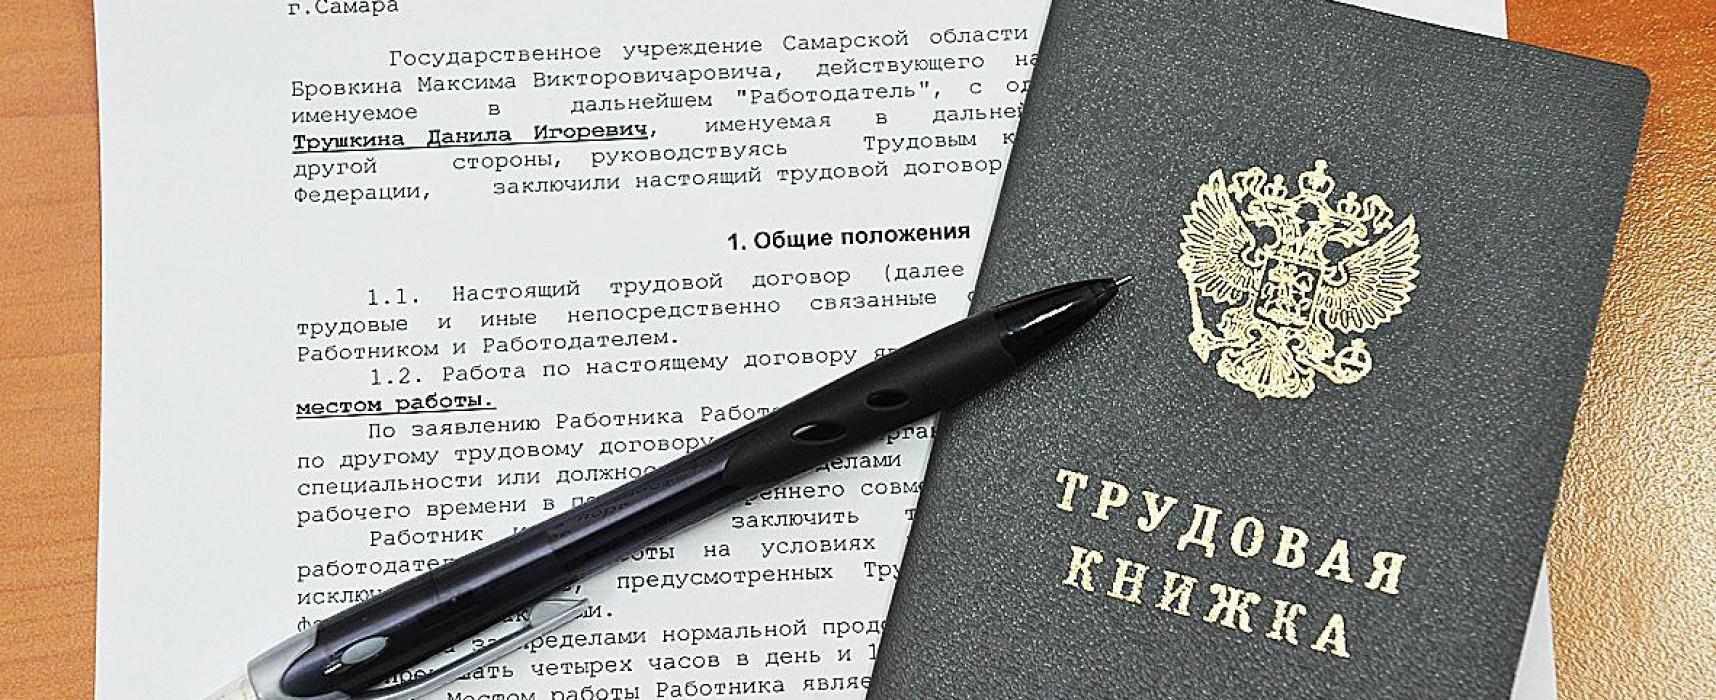 Трудовой договор с испытательным сроком